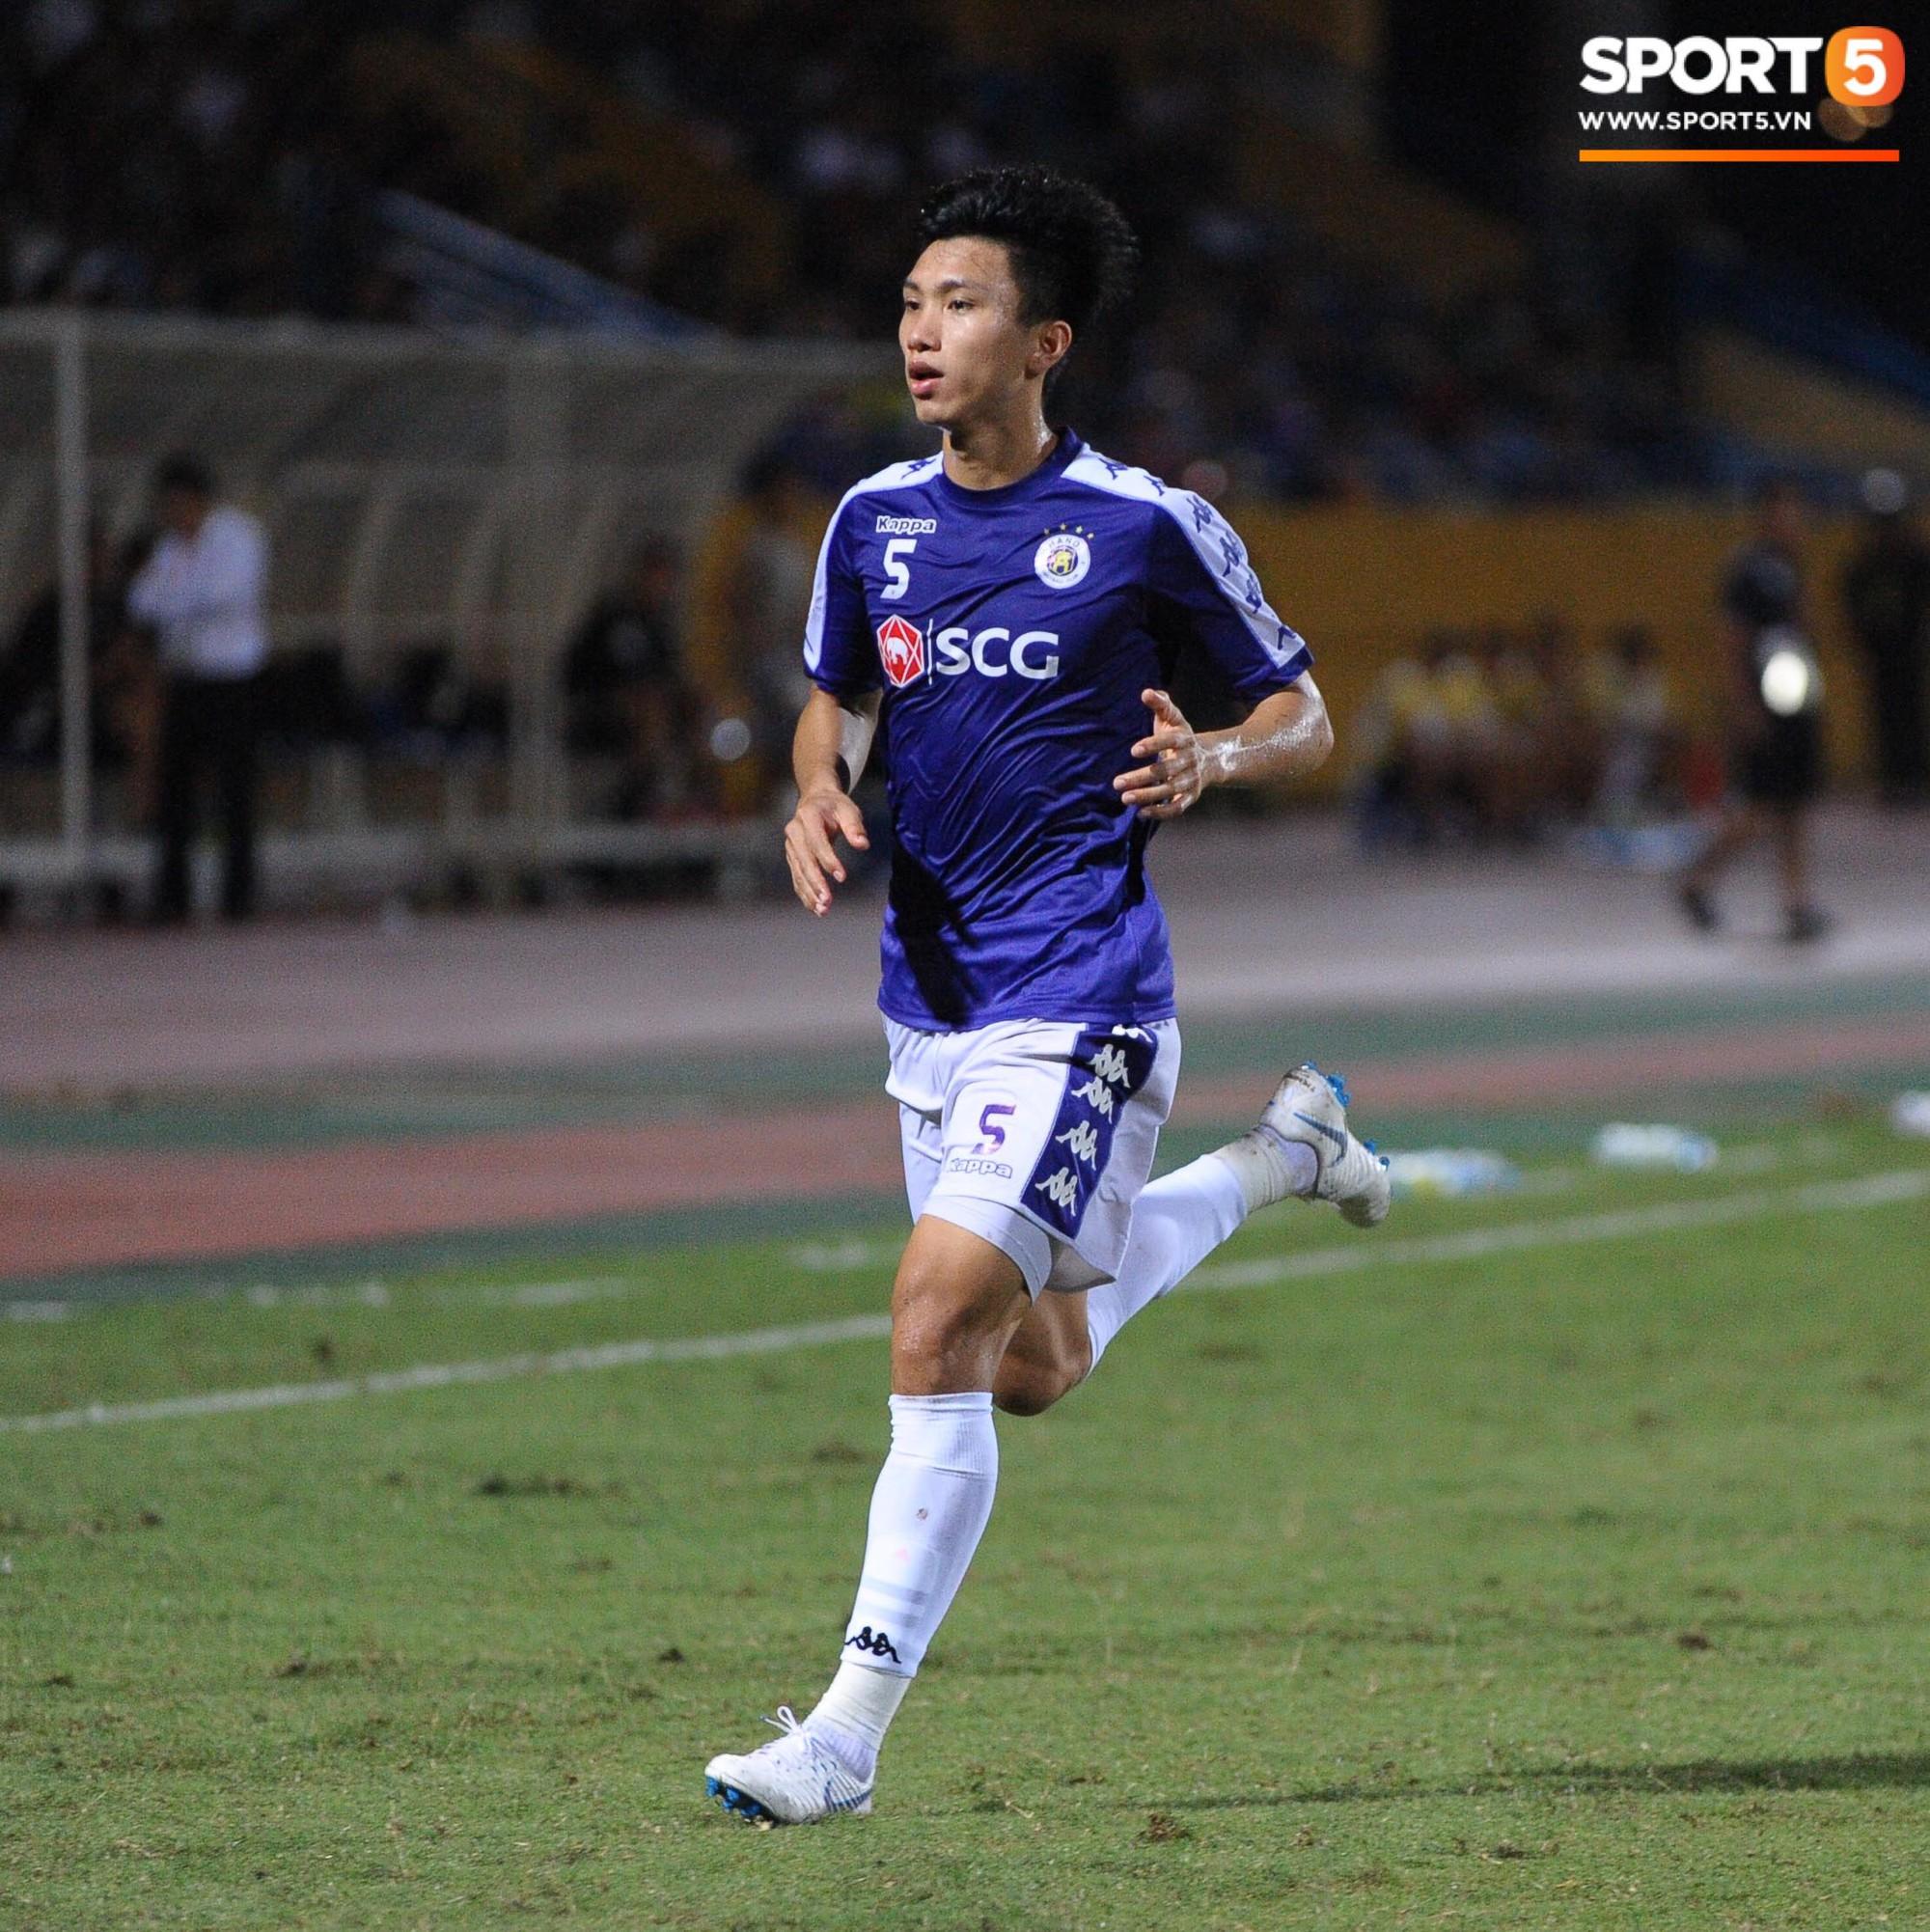 Trước tin đồn đến châu Âu thi đấu, Đoàn Văn Hậu vẫn nỗ lực hết mình vì Hà Nội FC-1